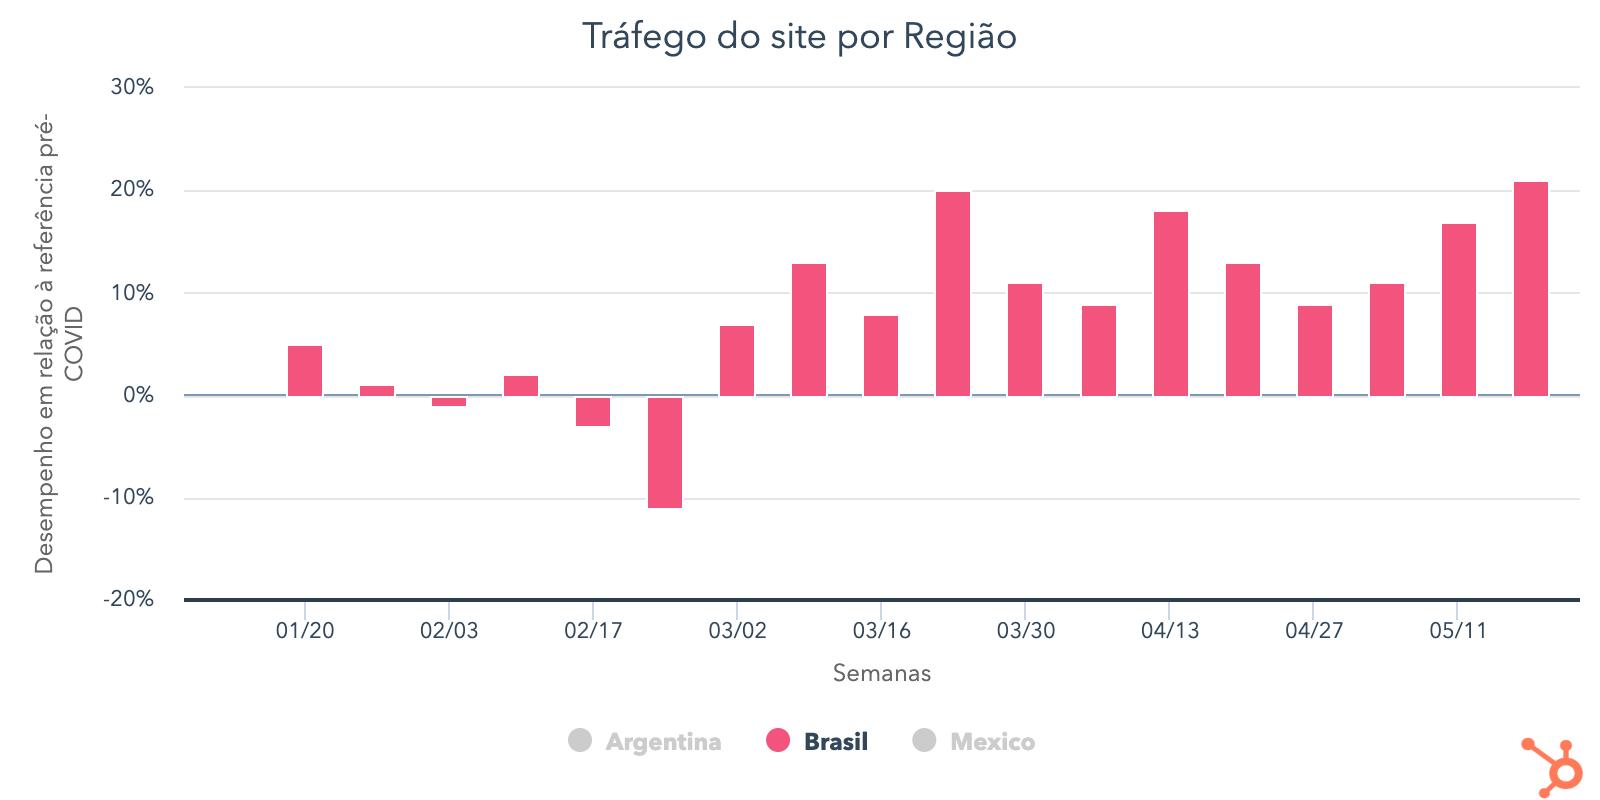 trfego-do-site-por-regio